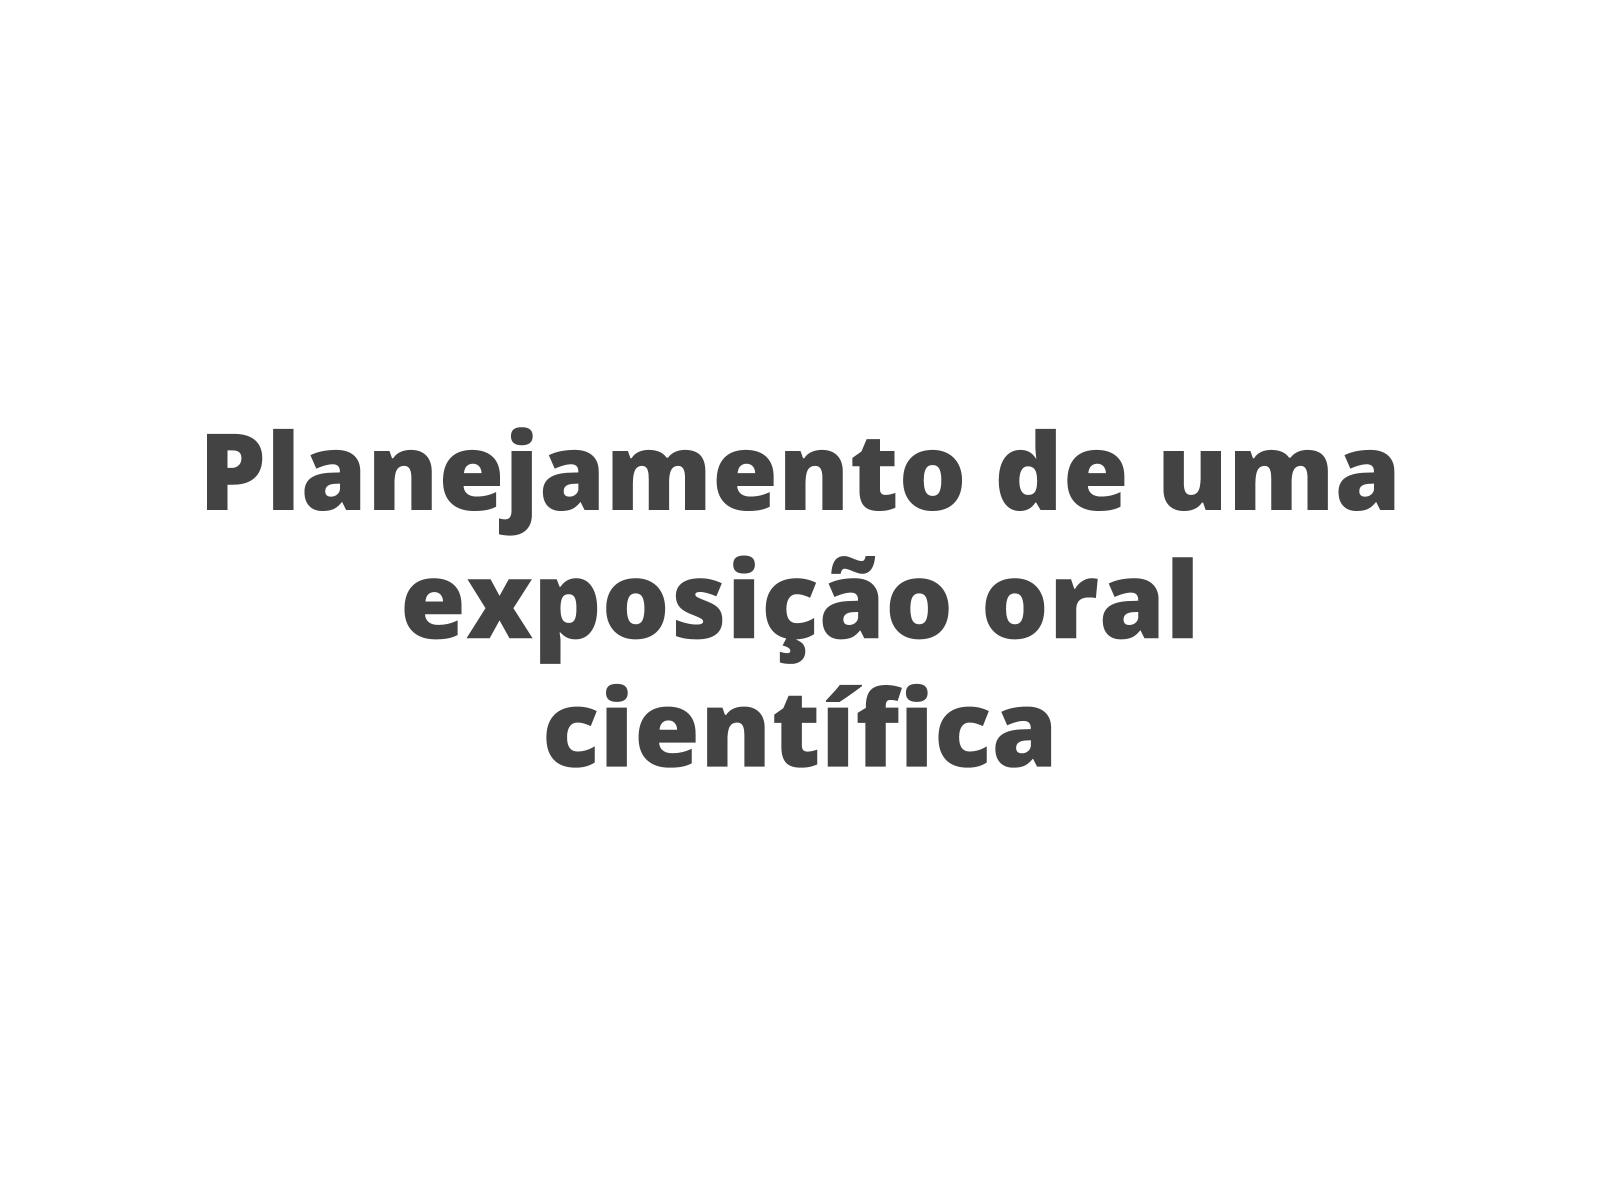 Planejamento de uma exposição oral científica